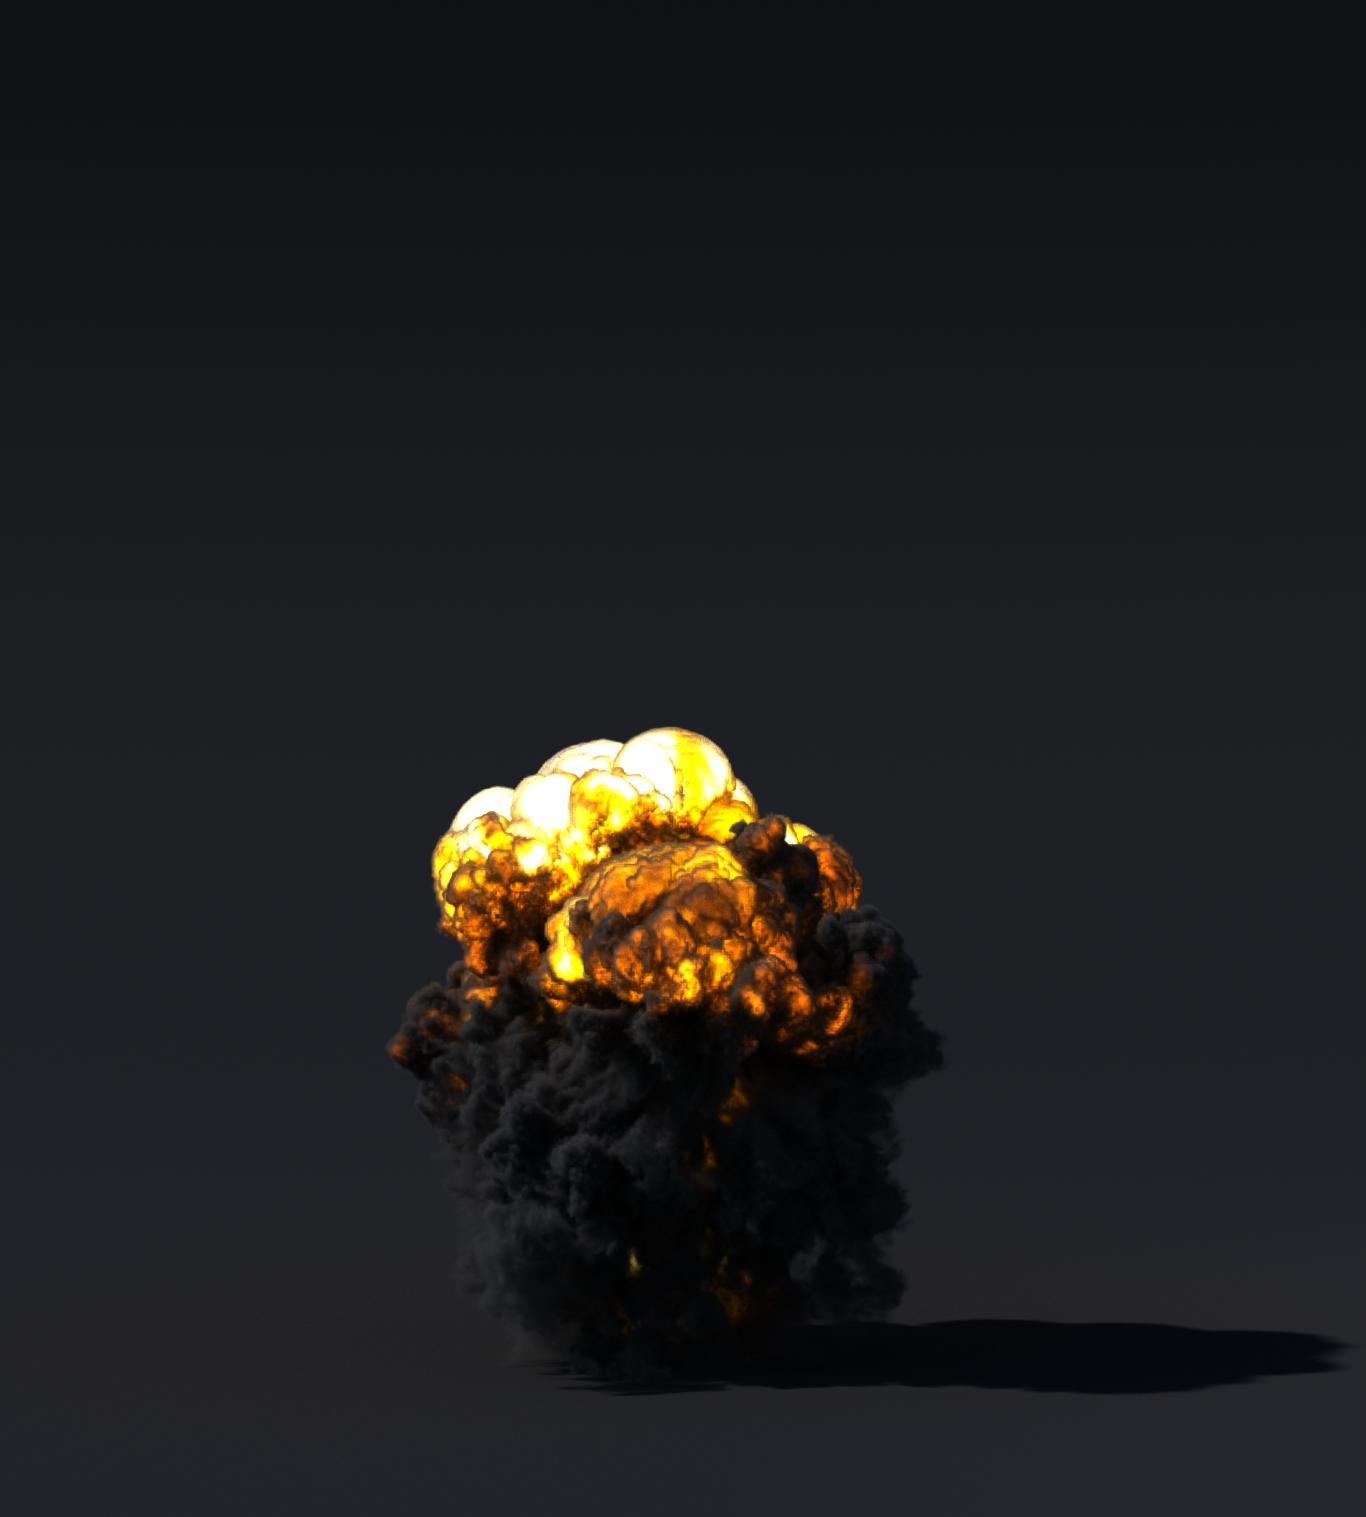 explosion.0039.jpg